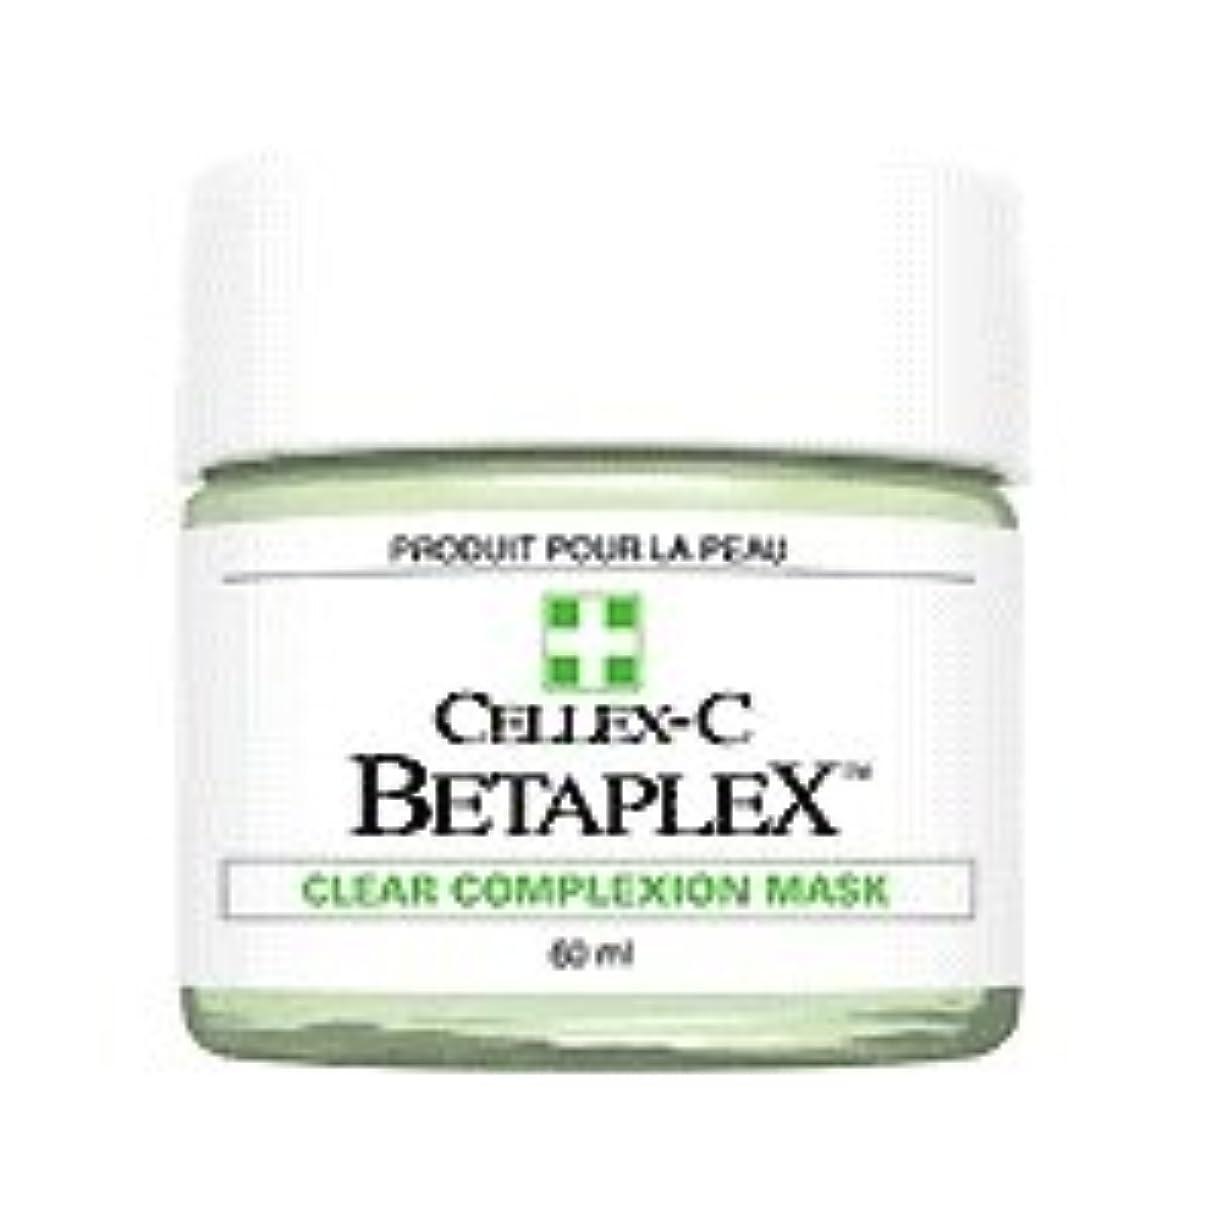 ライトニングマインド決済セレックスC Betaplex クリアコンプレクションマスク60ml 60ml